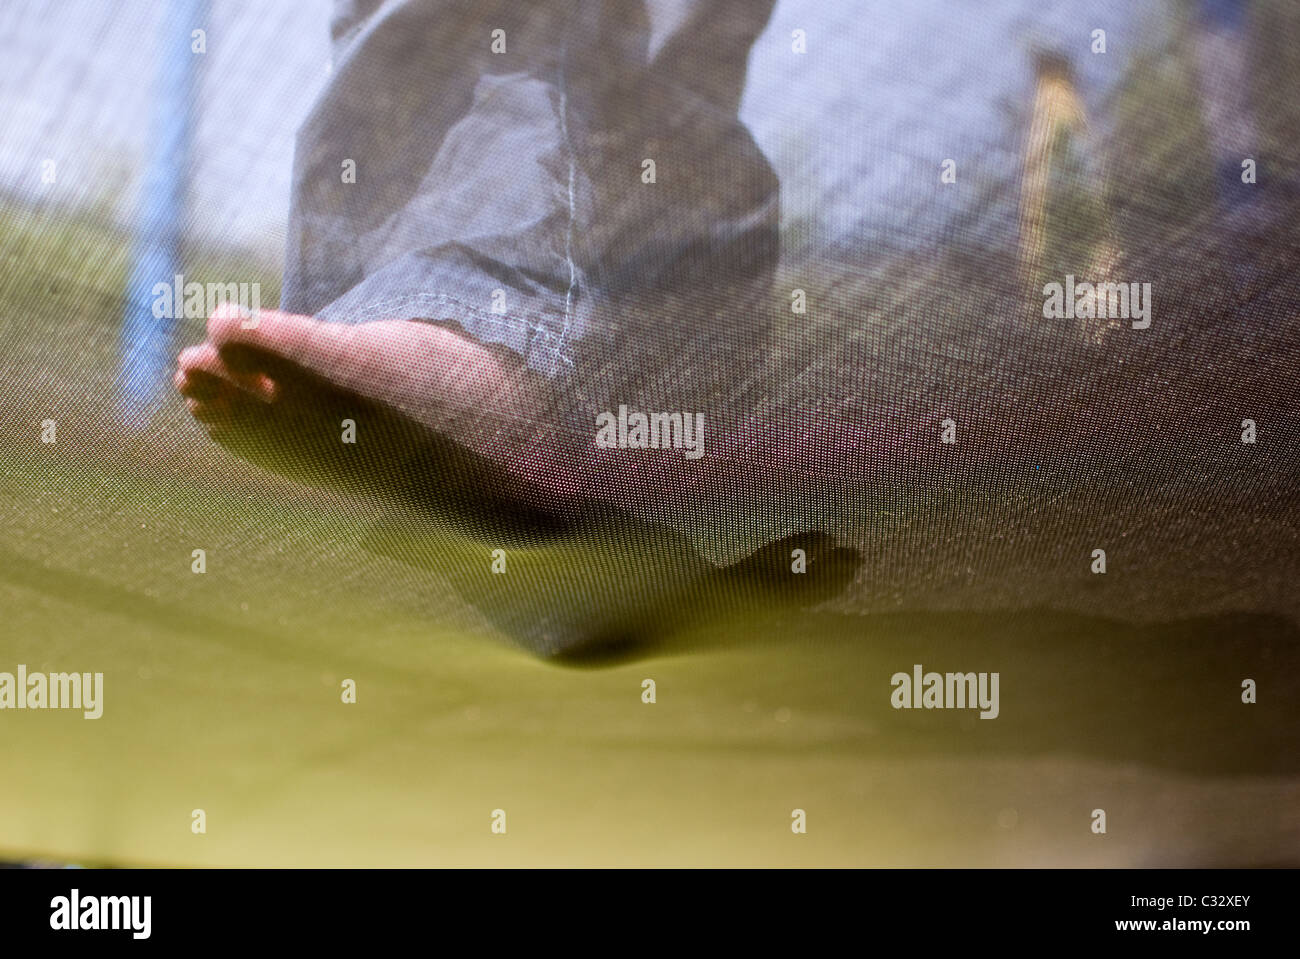 Debajo de los pies sobre el trampolín,pie desnudo, pie, lenguado, paso,Resumen,pies sobre el trampolín,verruga,aseo Imagen De Stock